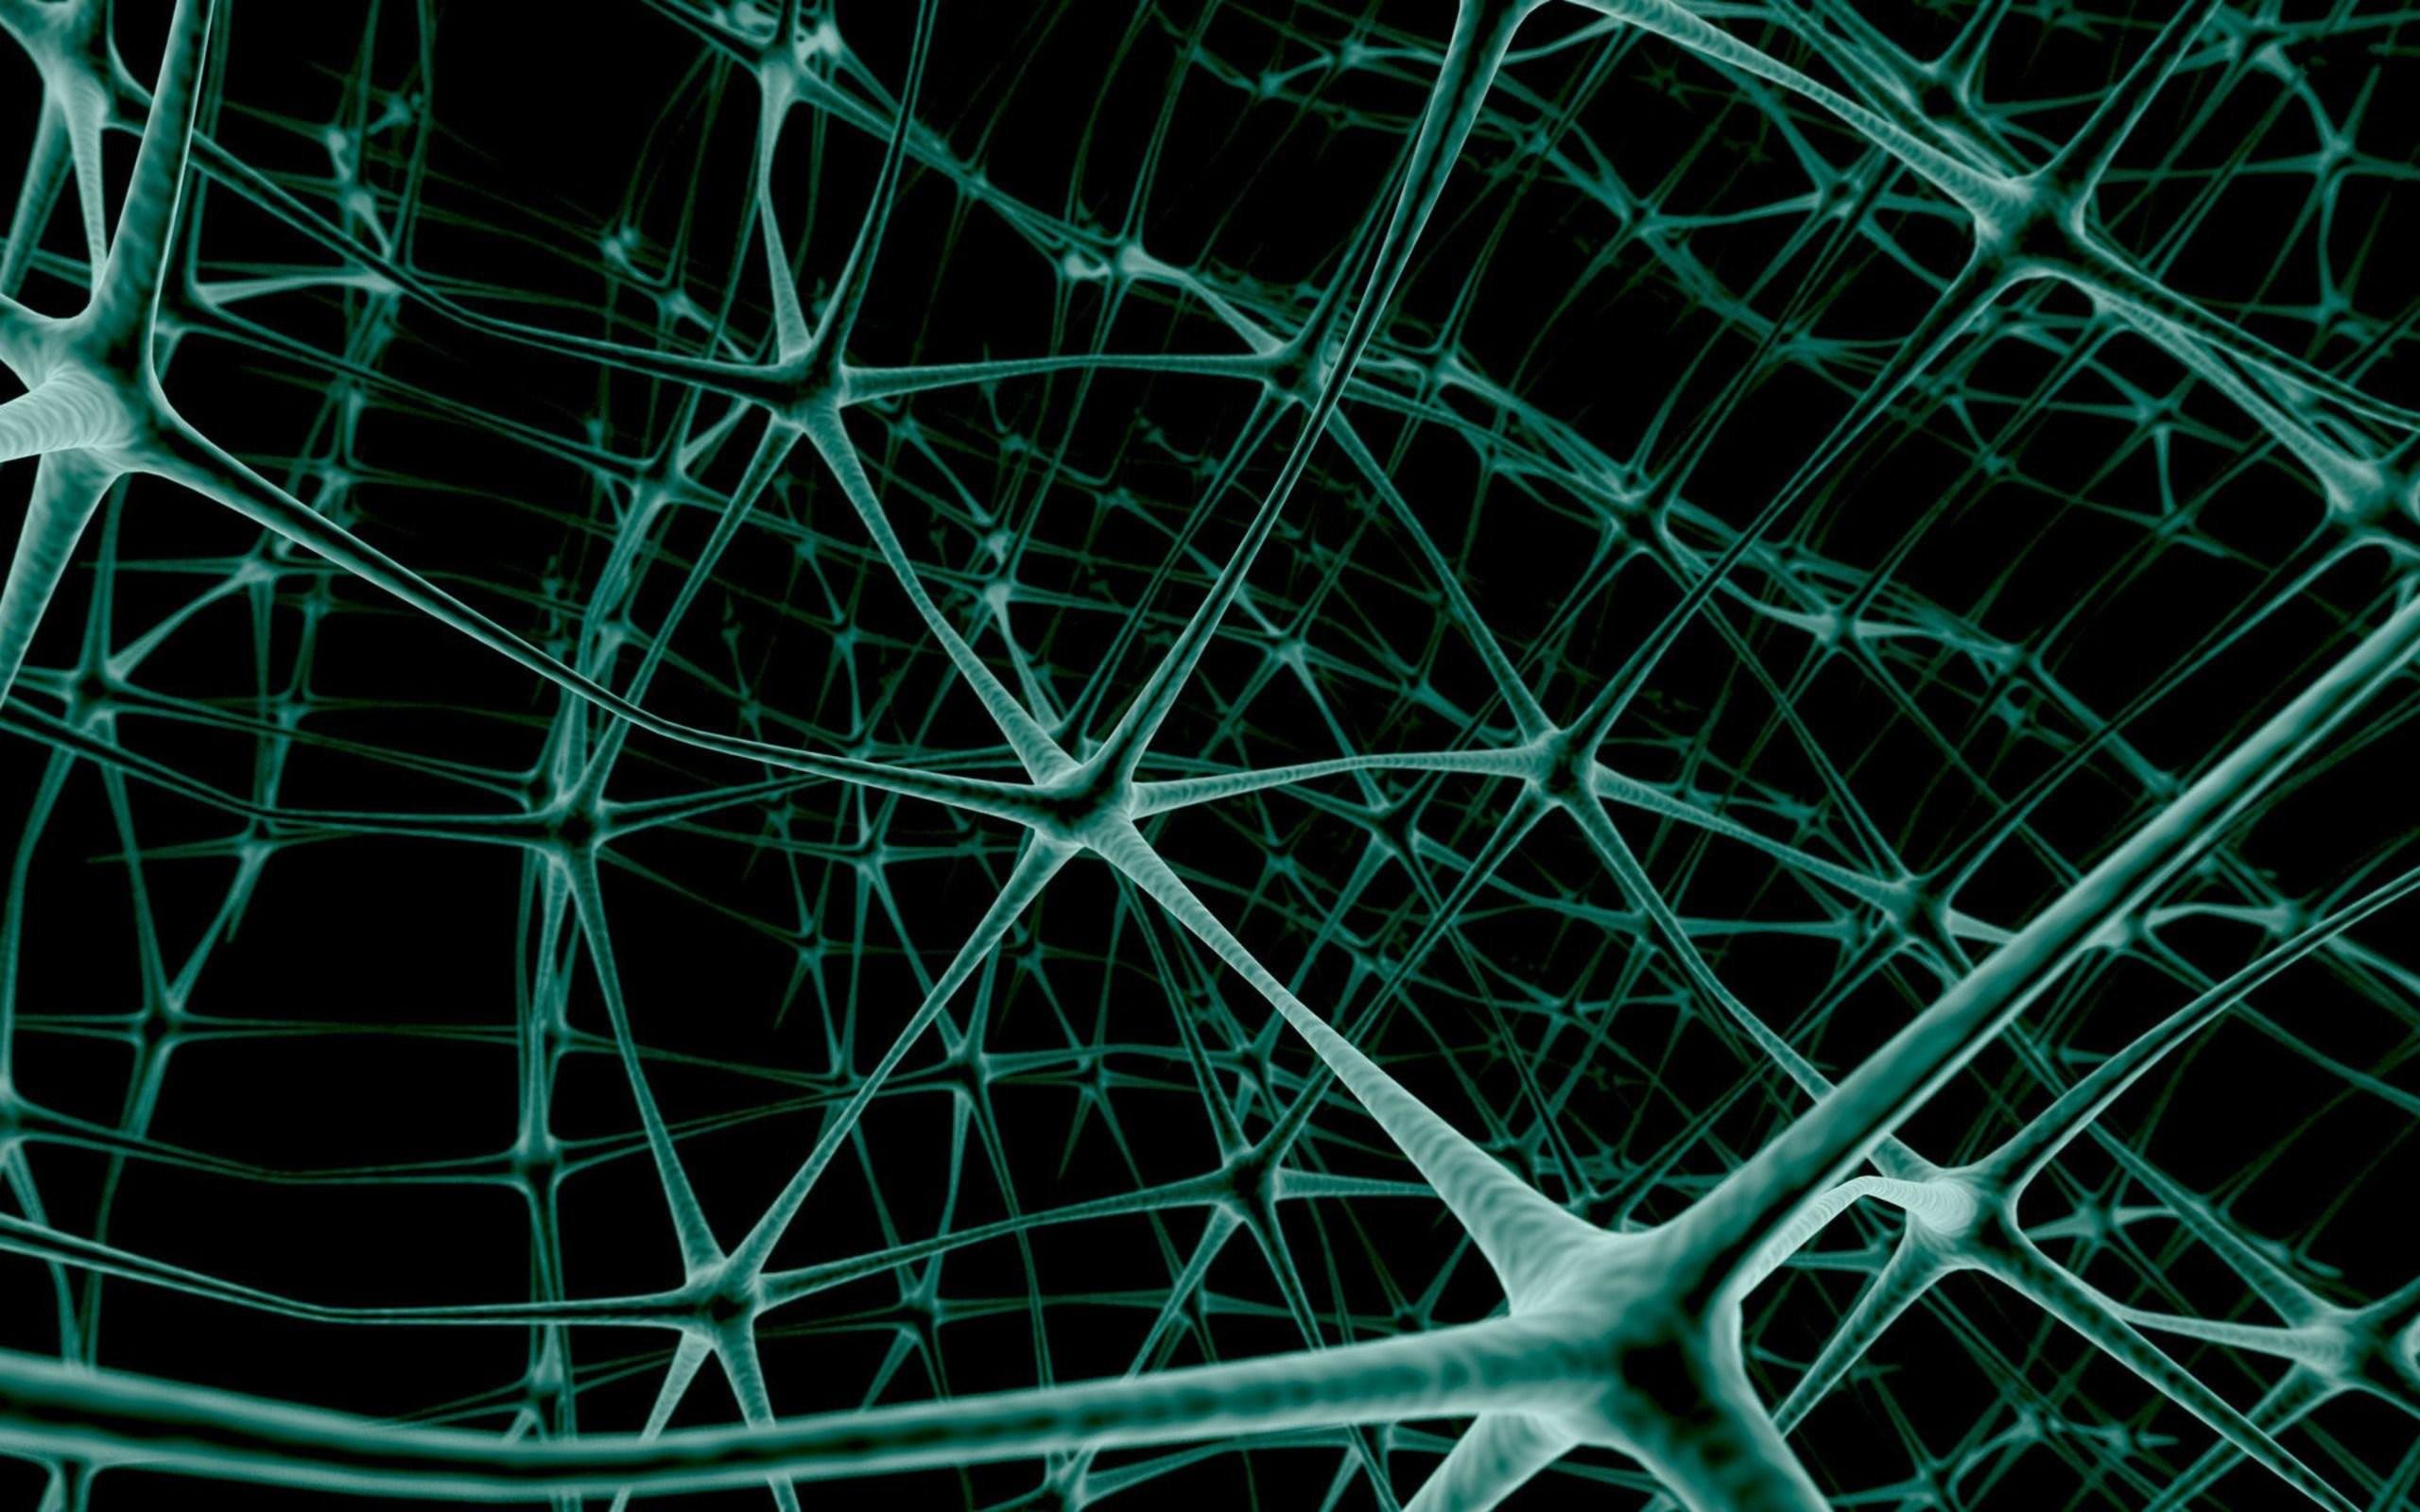 Spider Web 705019